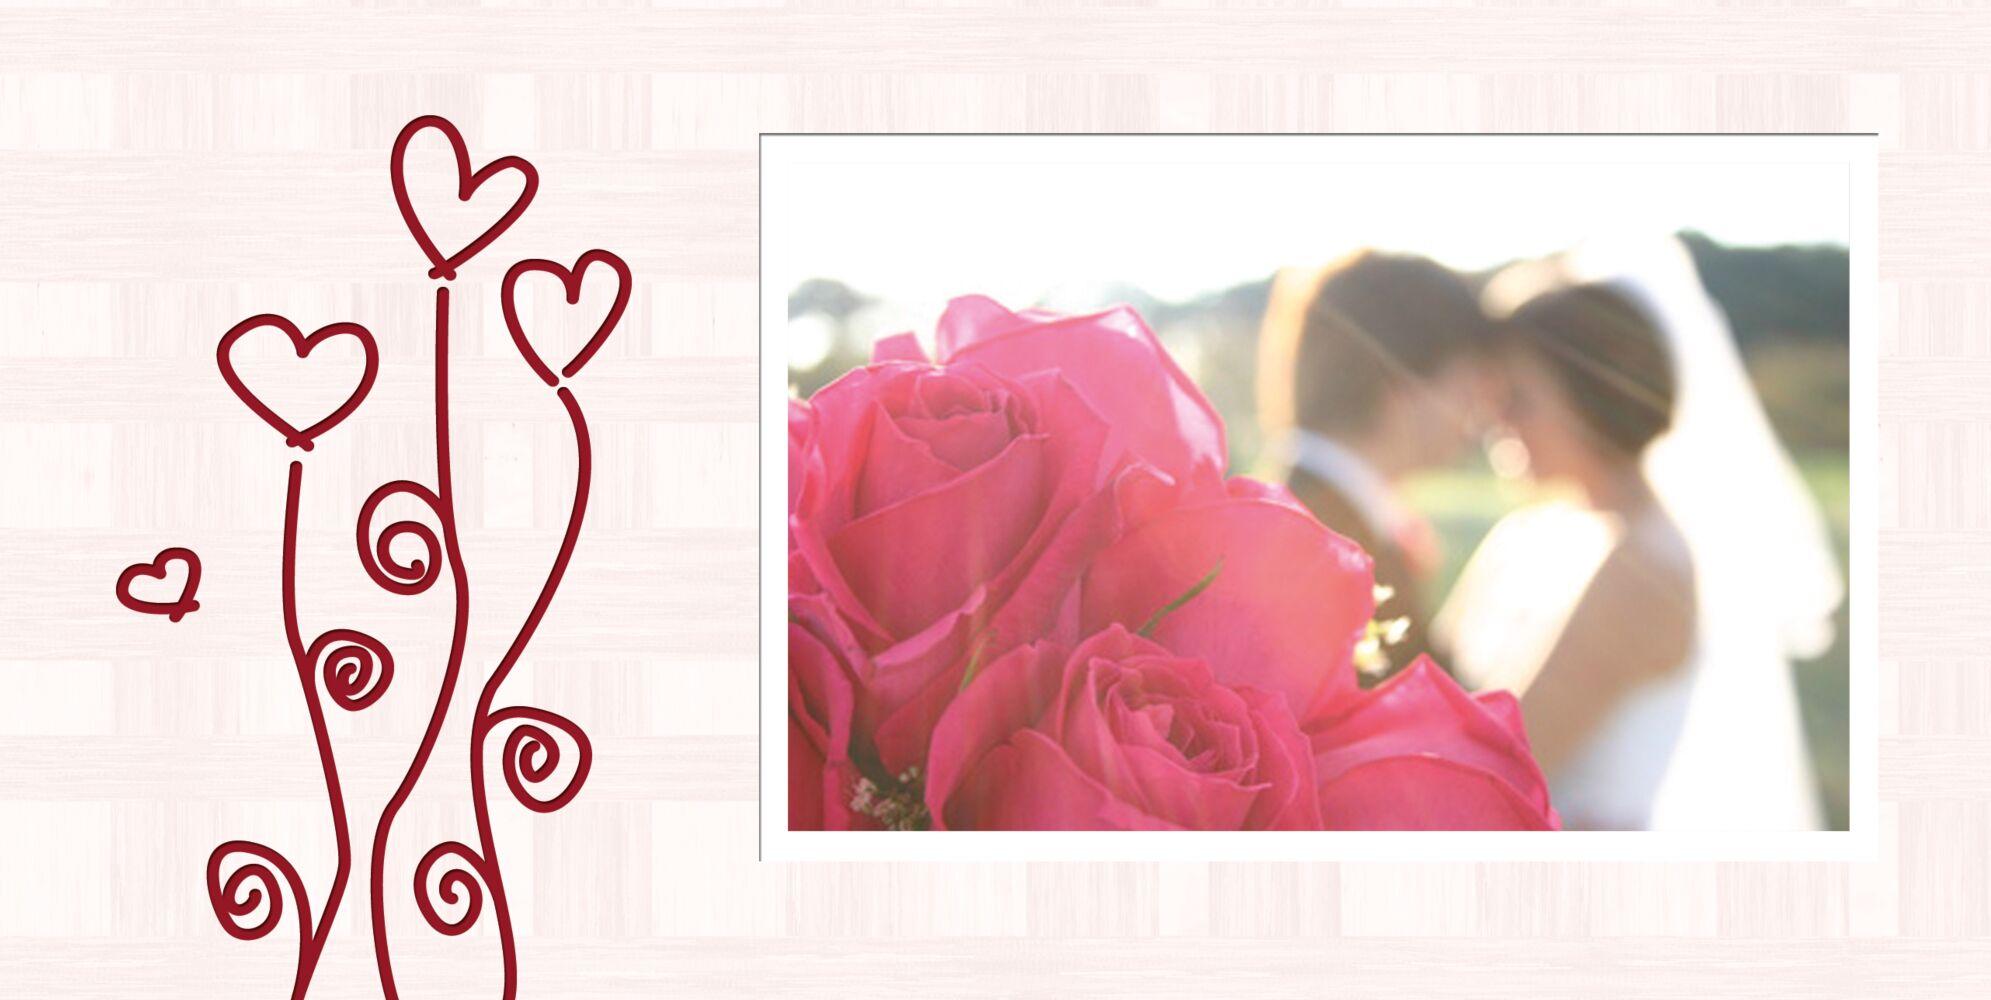 Ansicht 4 - Hochzeit Dankeskarte Liebestraum